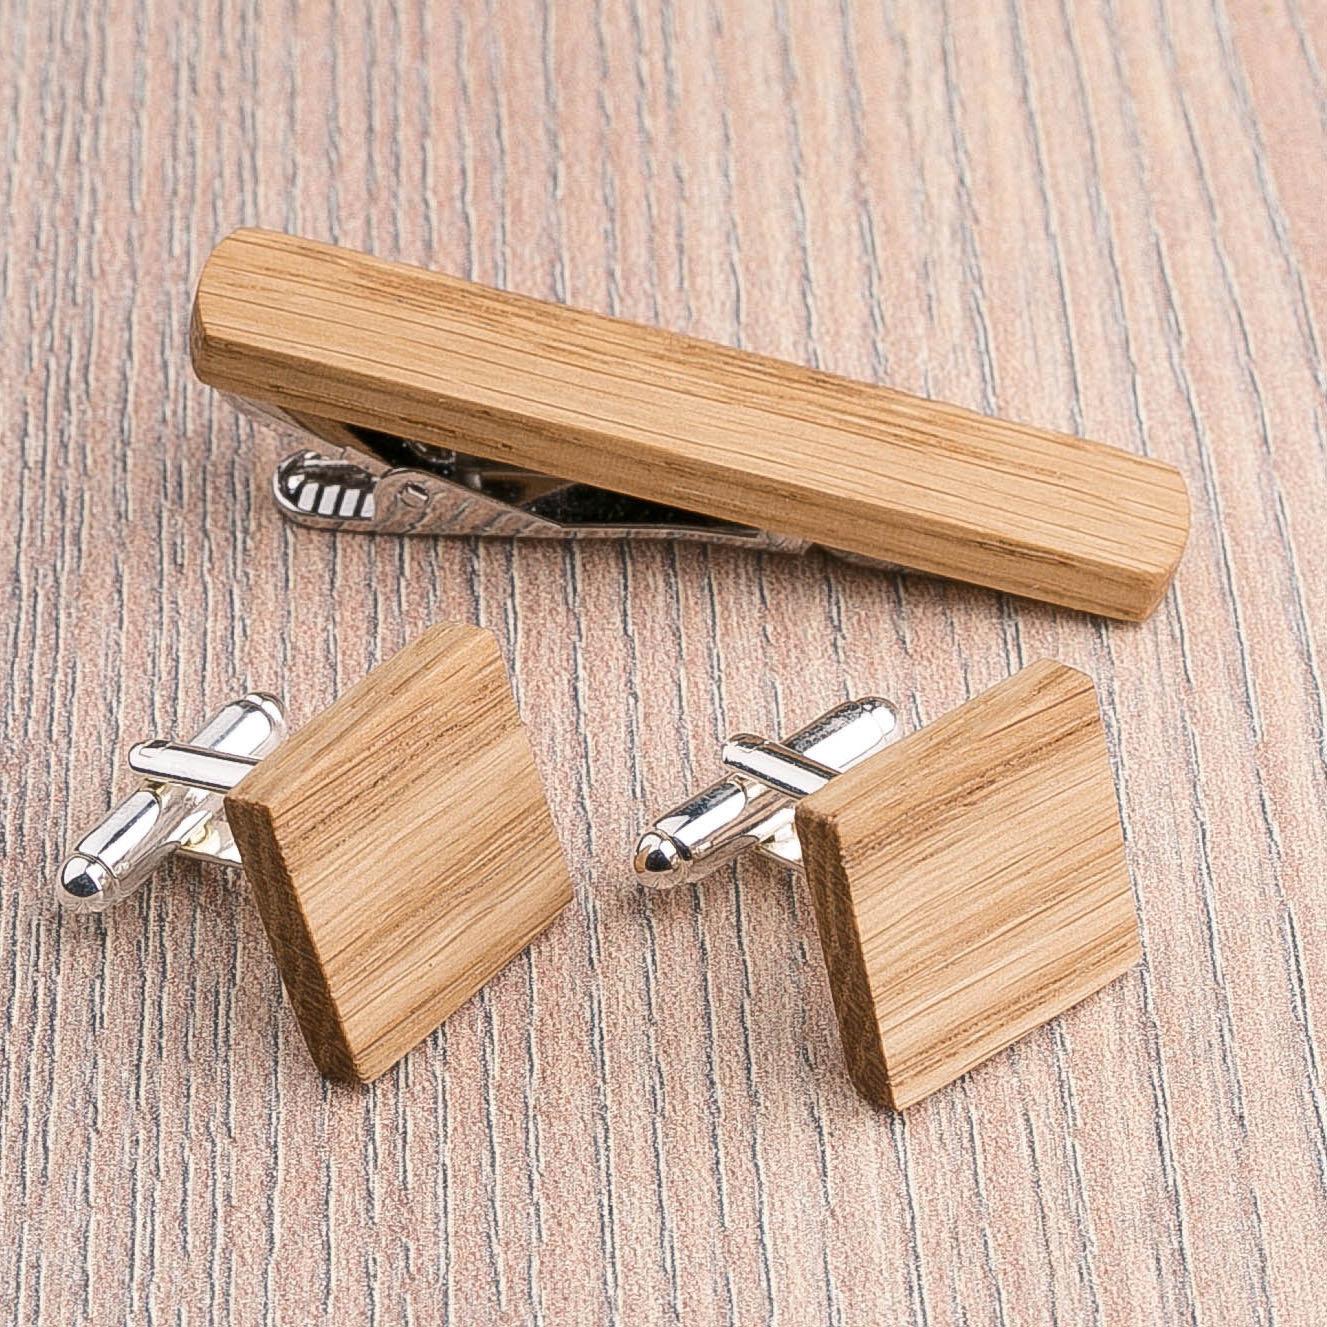 Комплект: Квадратные запонки из дерева и Деревянный зажим для галстука. Массив дуба. Гравировка инициалов. Упаковка в комплекте CufflinksSet-SquareOak